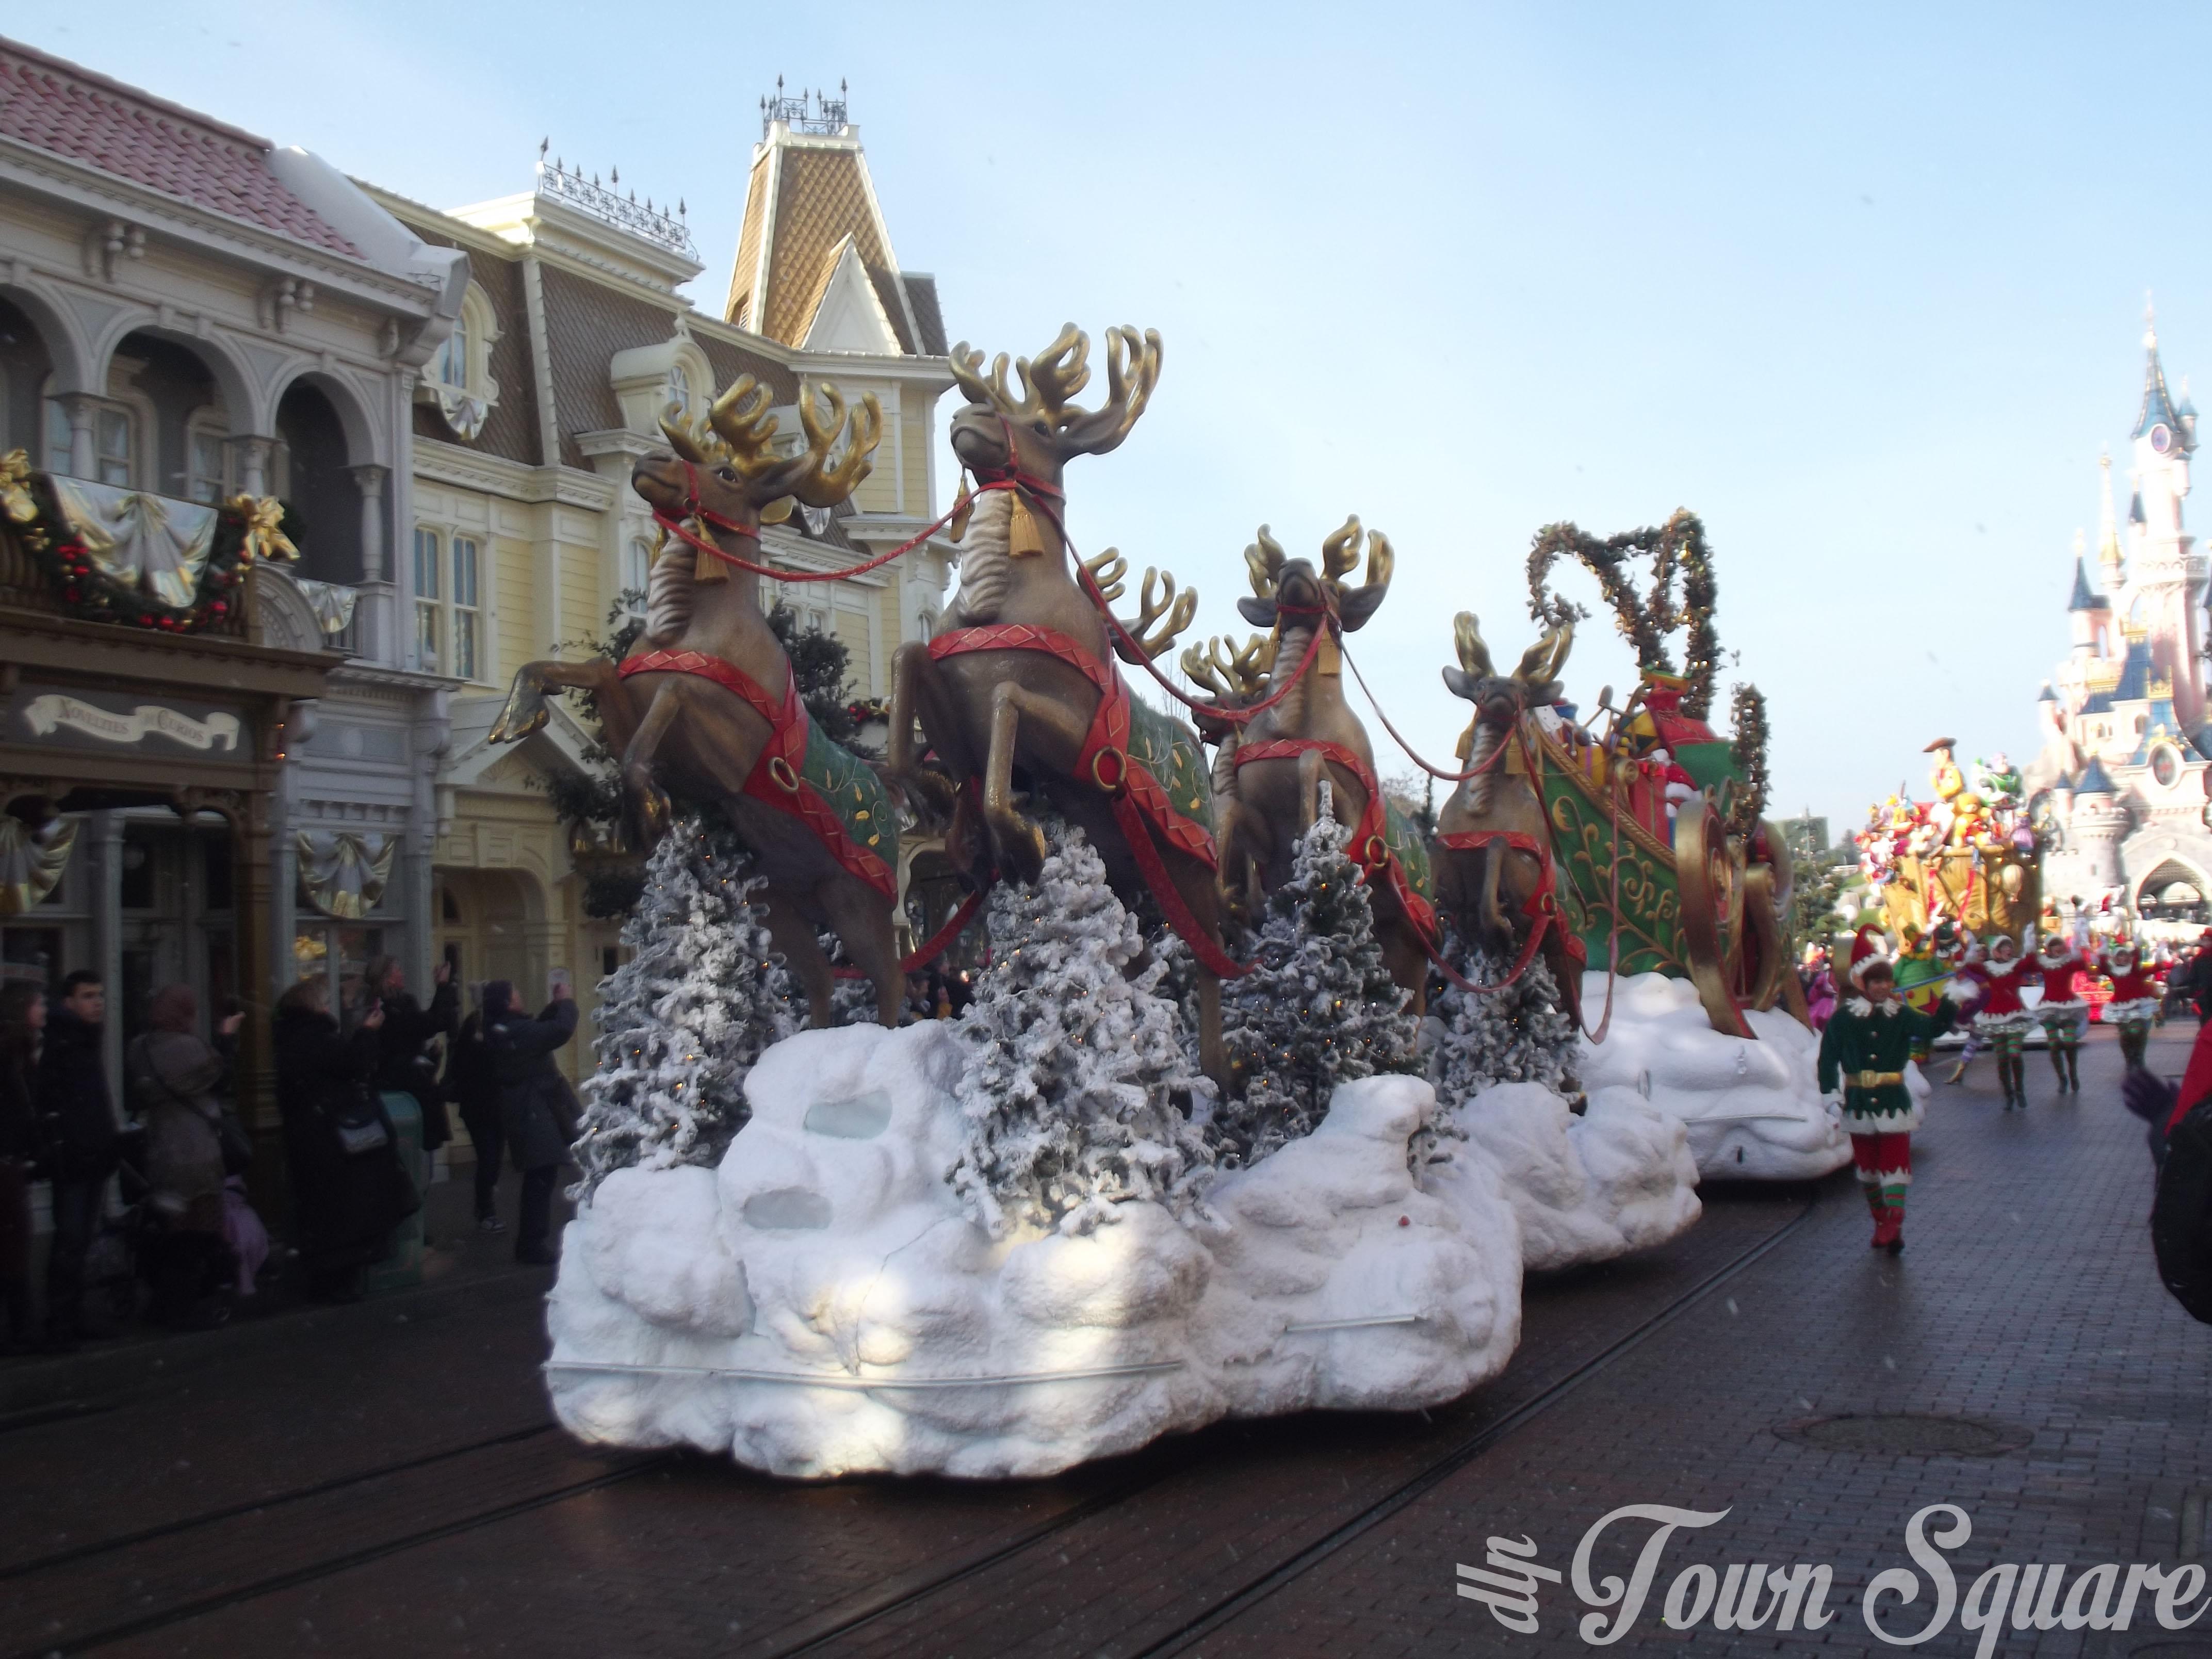 Reindeer pulling Santa's sleigh in the Christmas Cavalcade